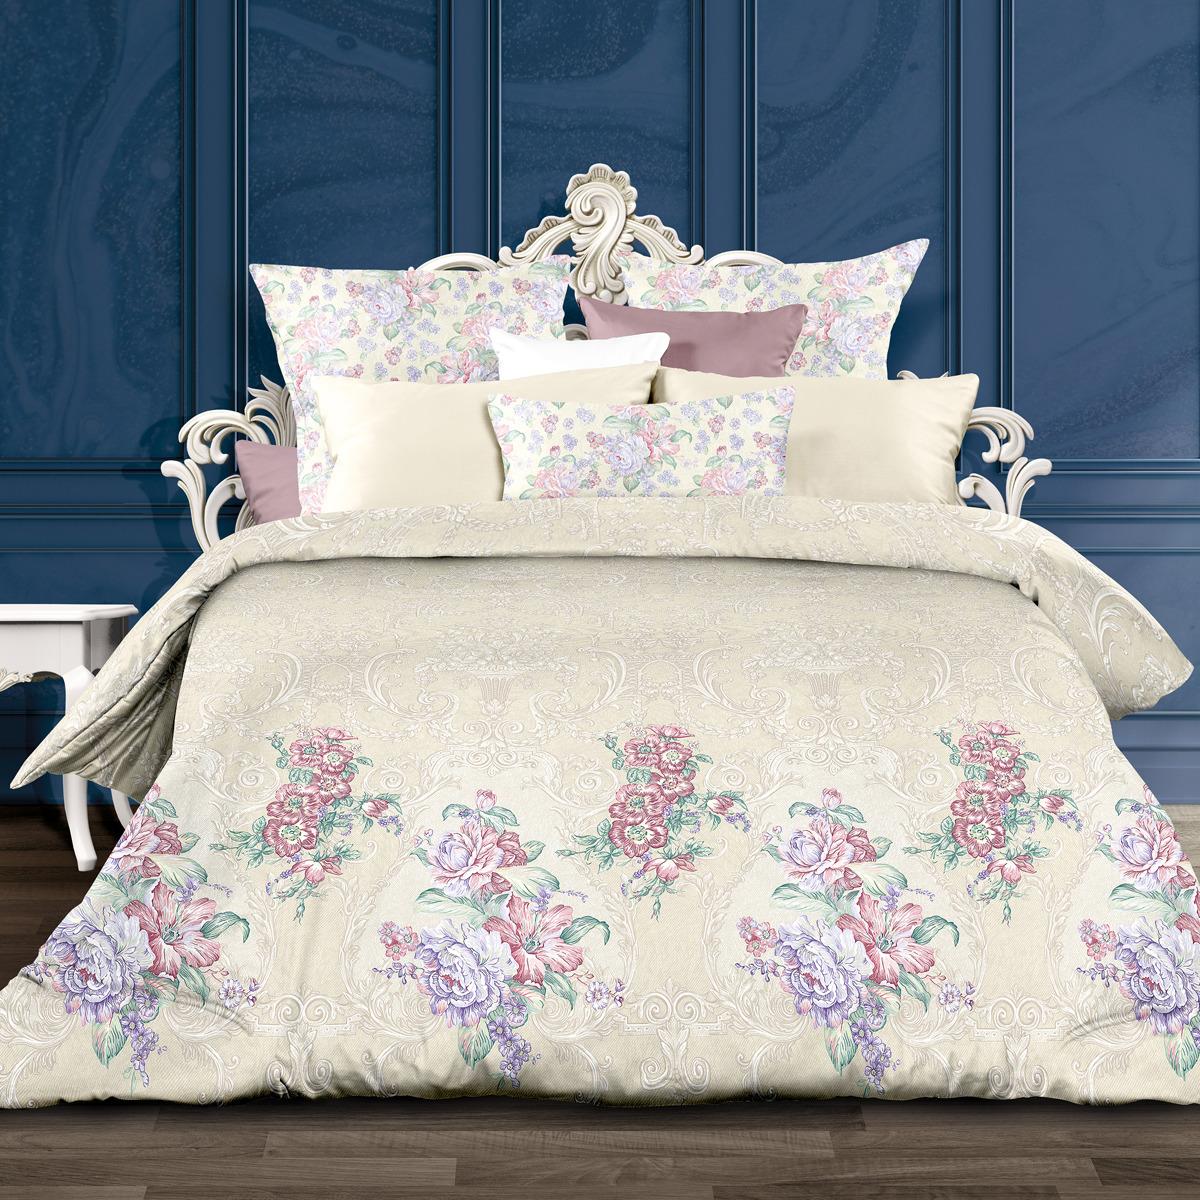 Комплект постельного белья Унисон Магдалена, 552270, 2-спальный, наволочки 70x70 комплект постельного белья унисон бархат